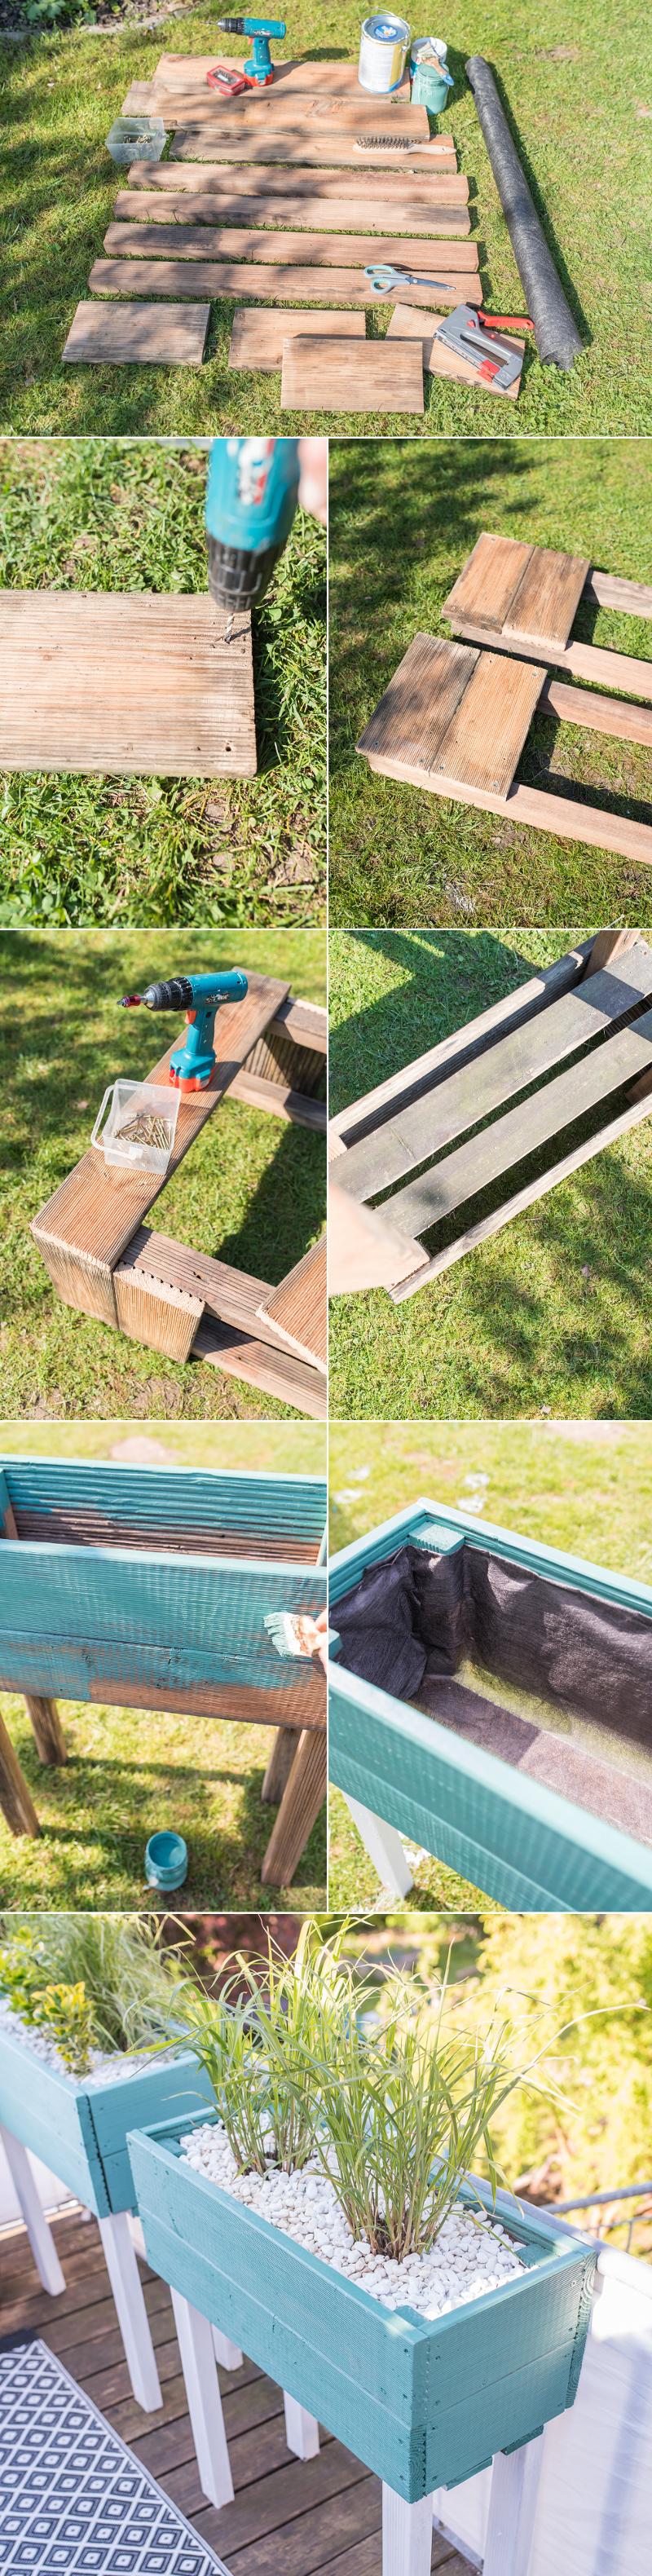 Anleitung für einfache, selbst gebaute upcycling Pflanzkübel aus Holz Resten als Sichtschutz für den Balkon mit Gräsern bepflanzt